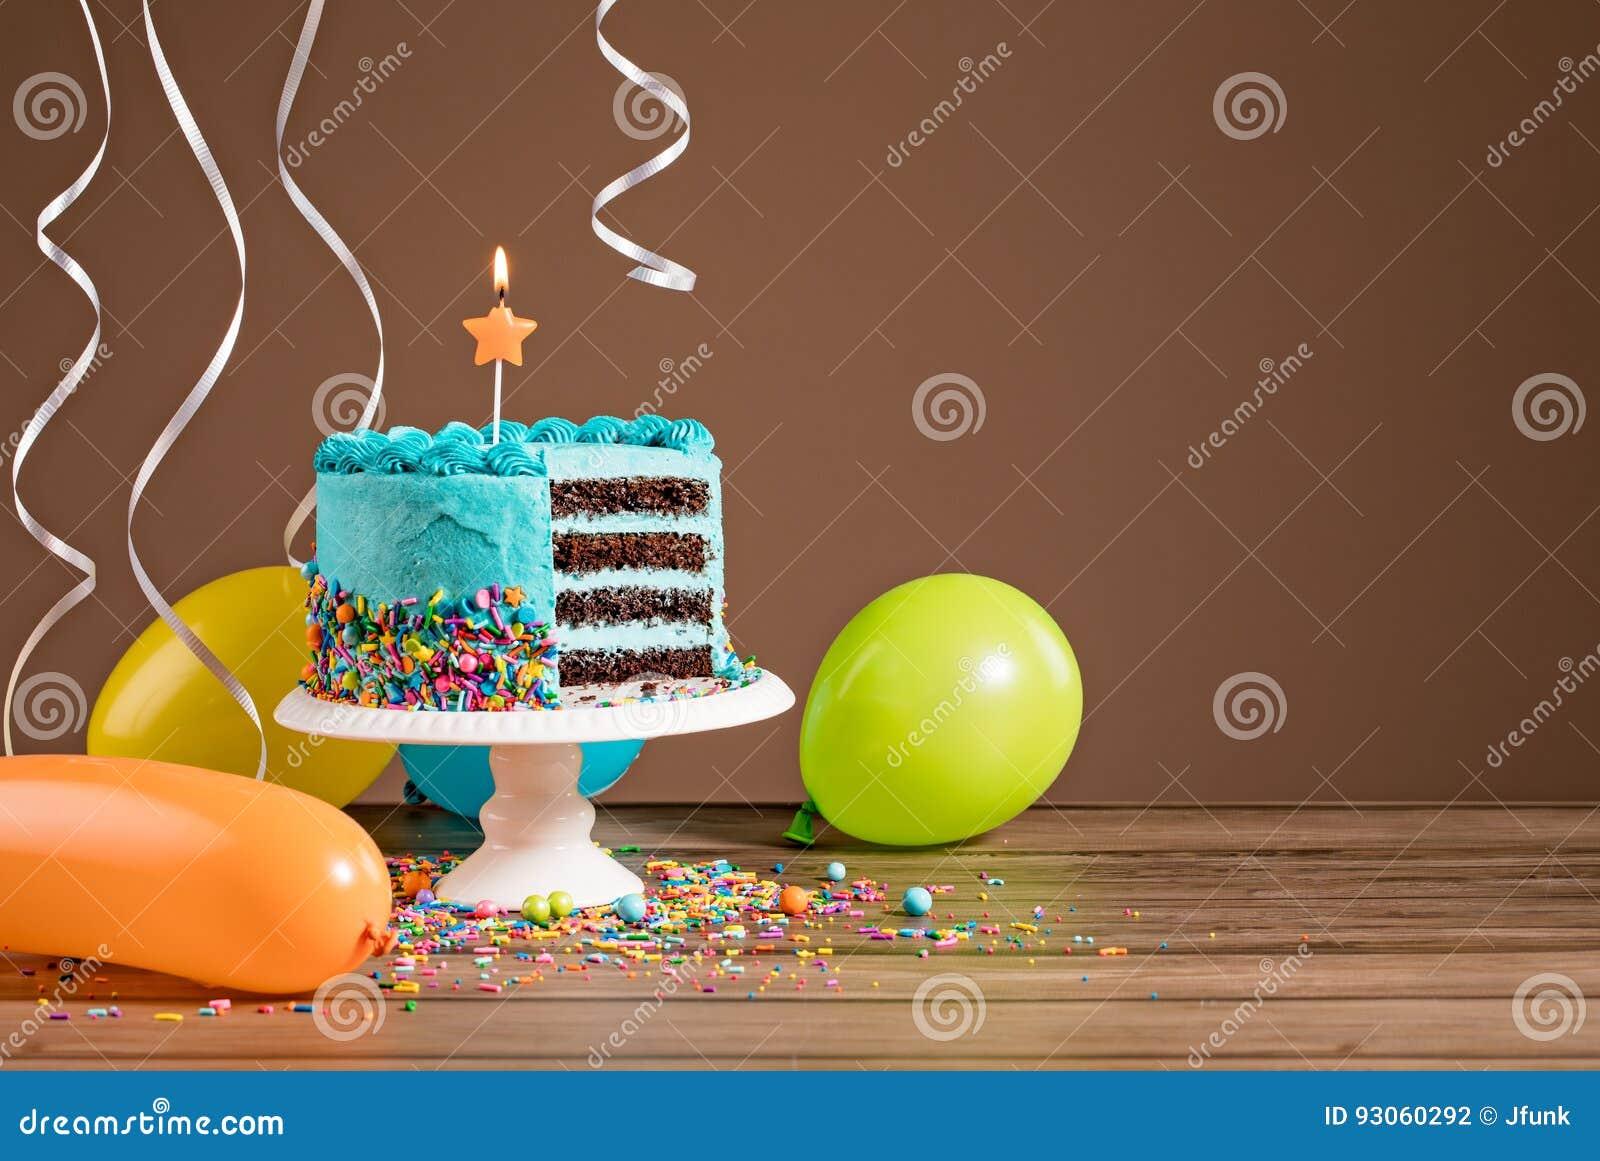 Torta de cumpleaños con los globos